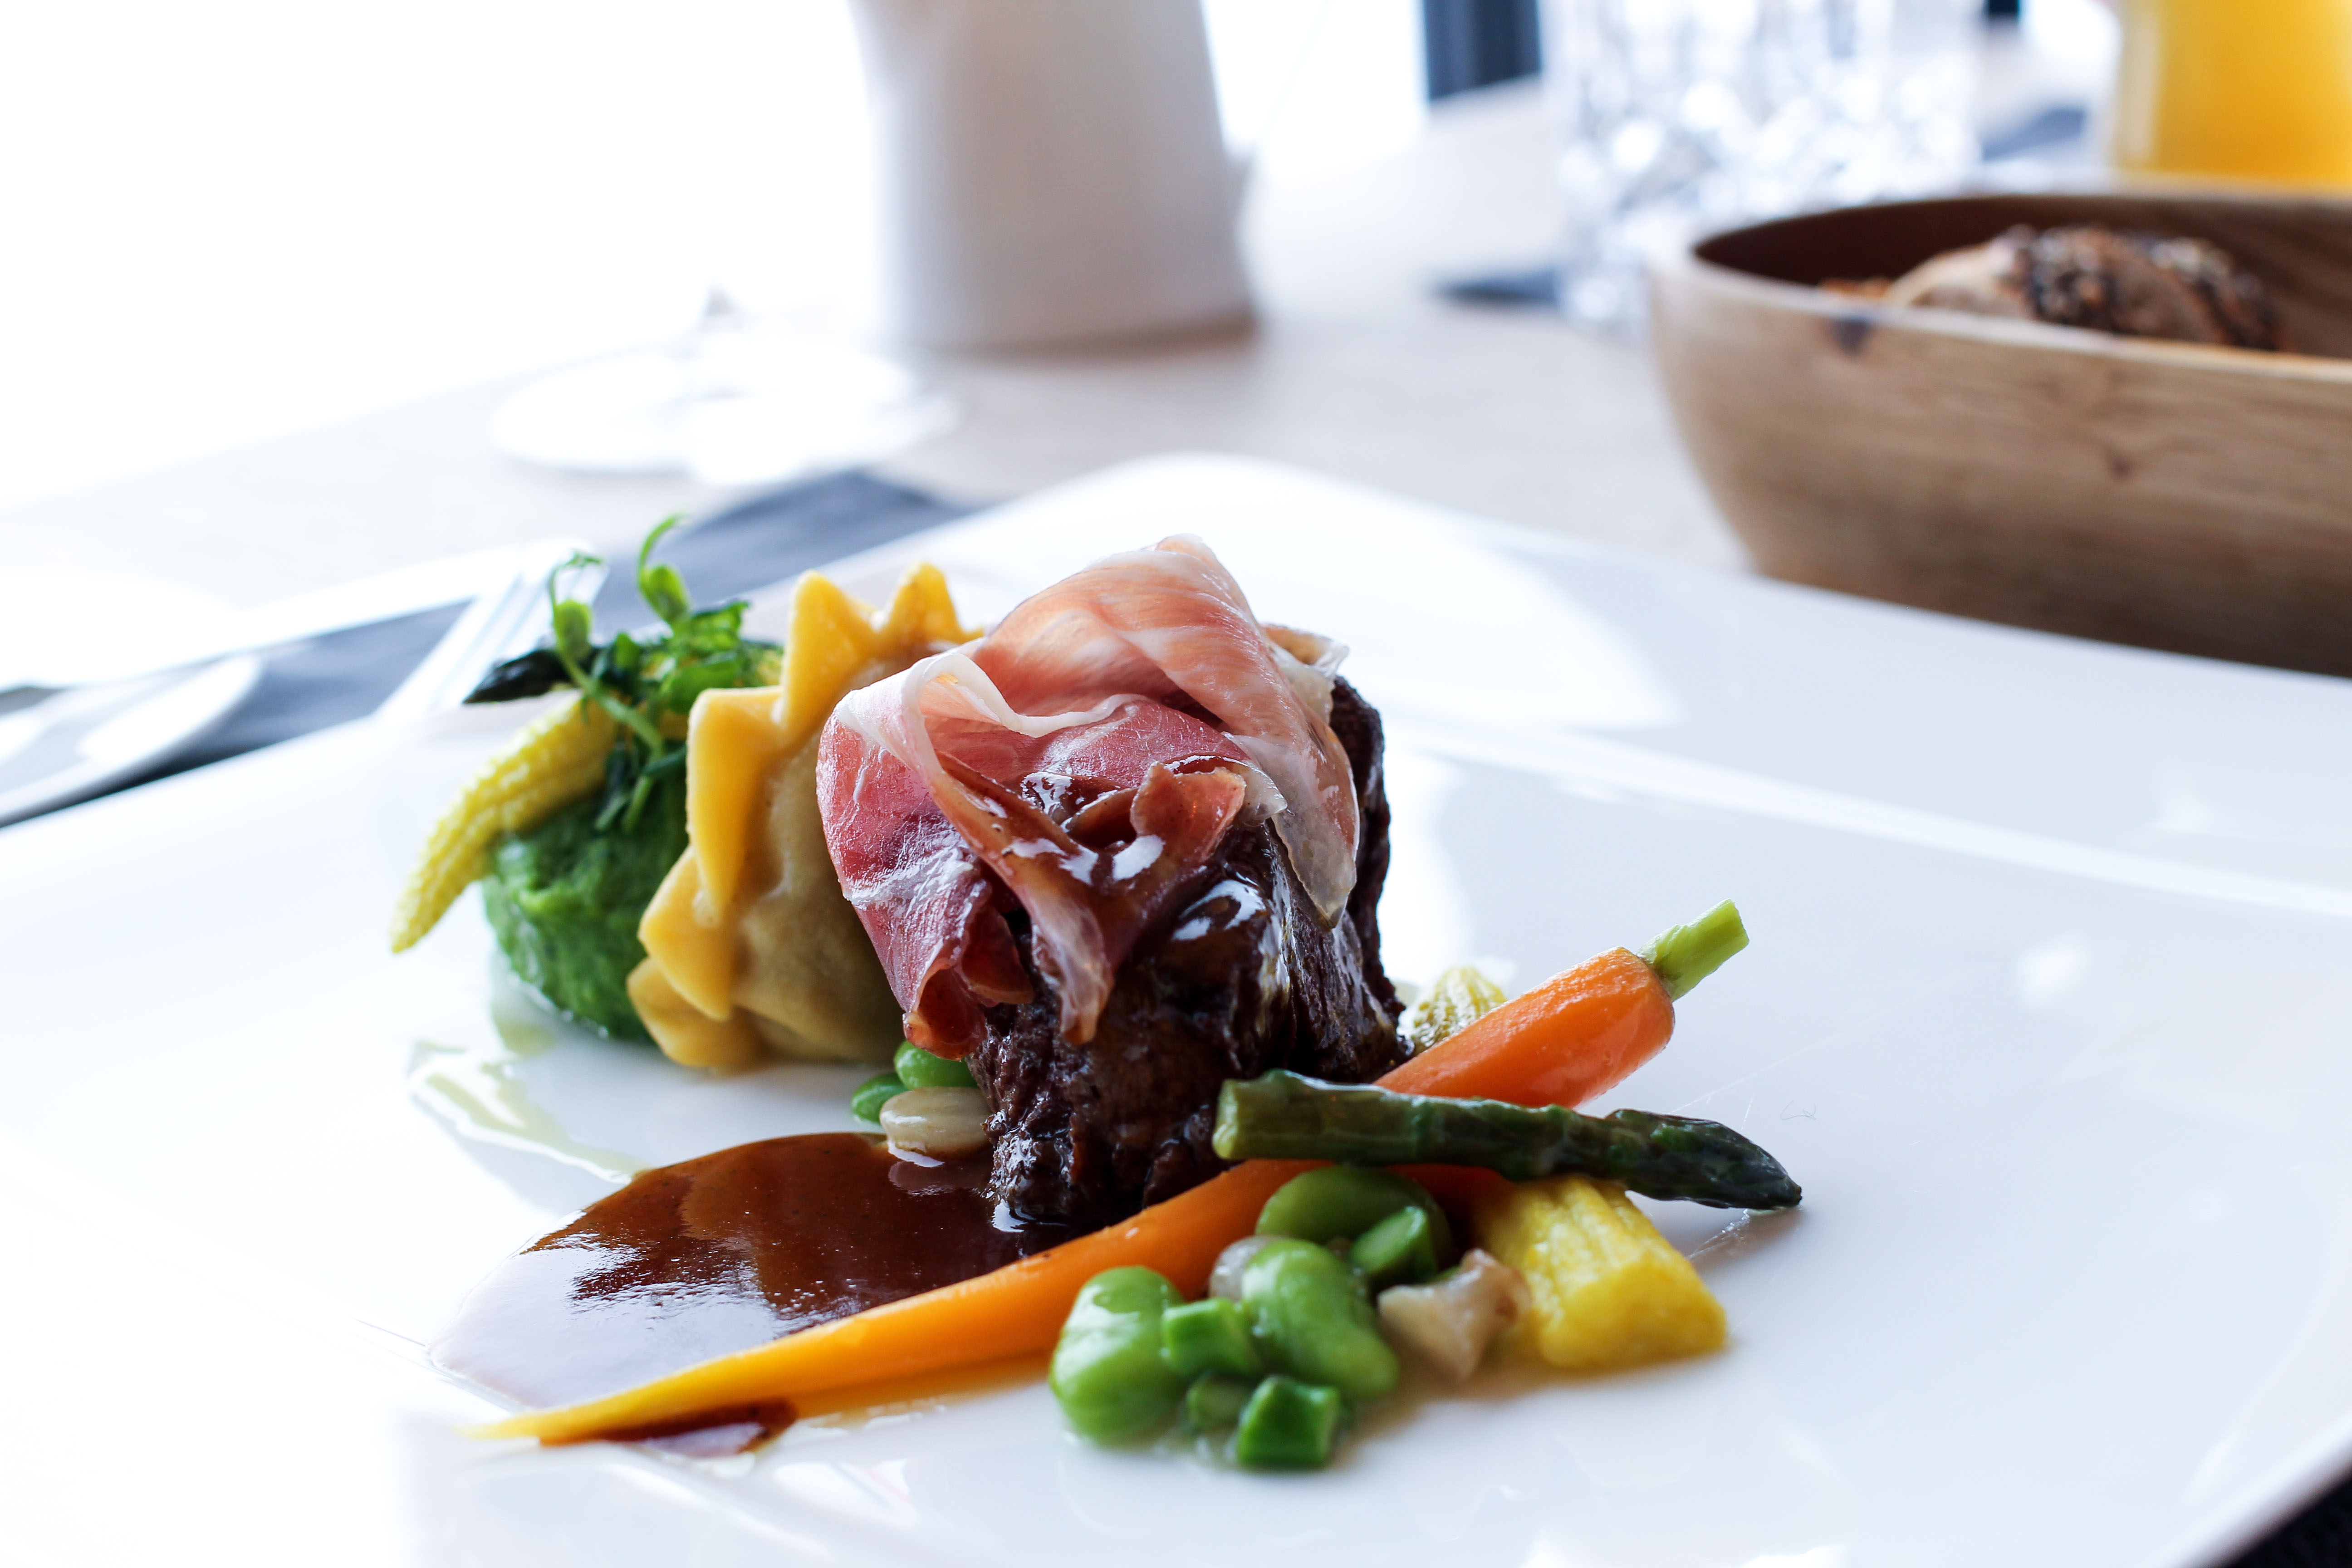 Gourmet-Restaurant 3 Gänge Menü Rinderfilet Pata Negra Kräuter Kartoffelpüree iceQ Sölden Tirol Österreich James Bond Location Spectre Gaislachkogl 2